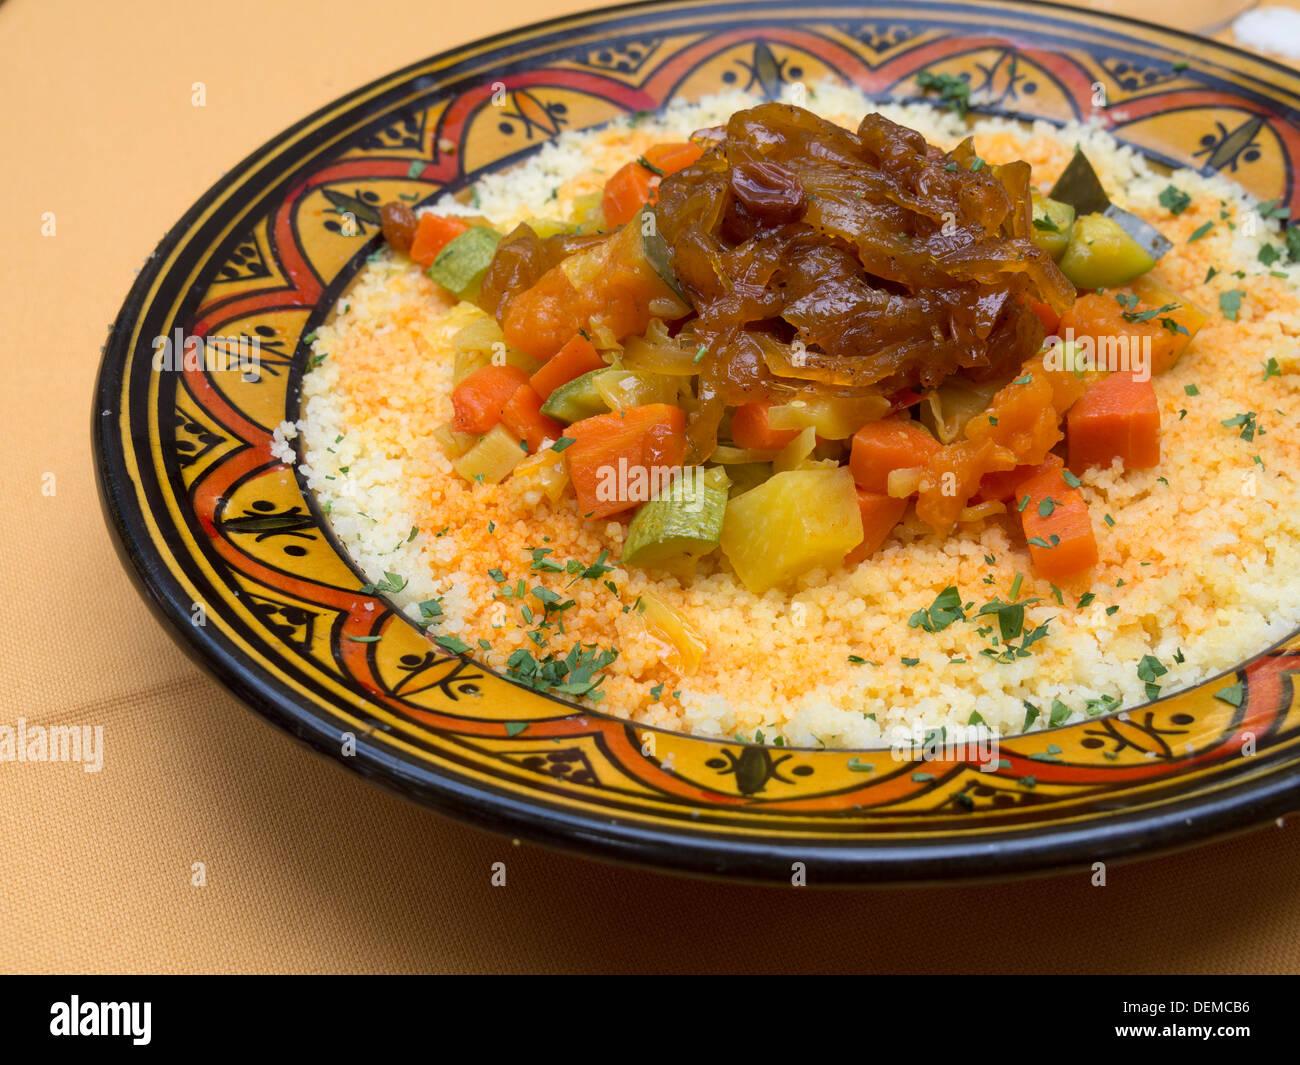 Diet Food At Restaurants